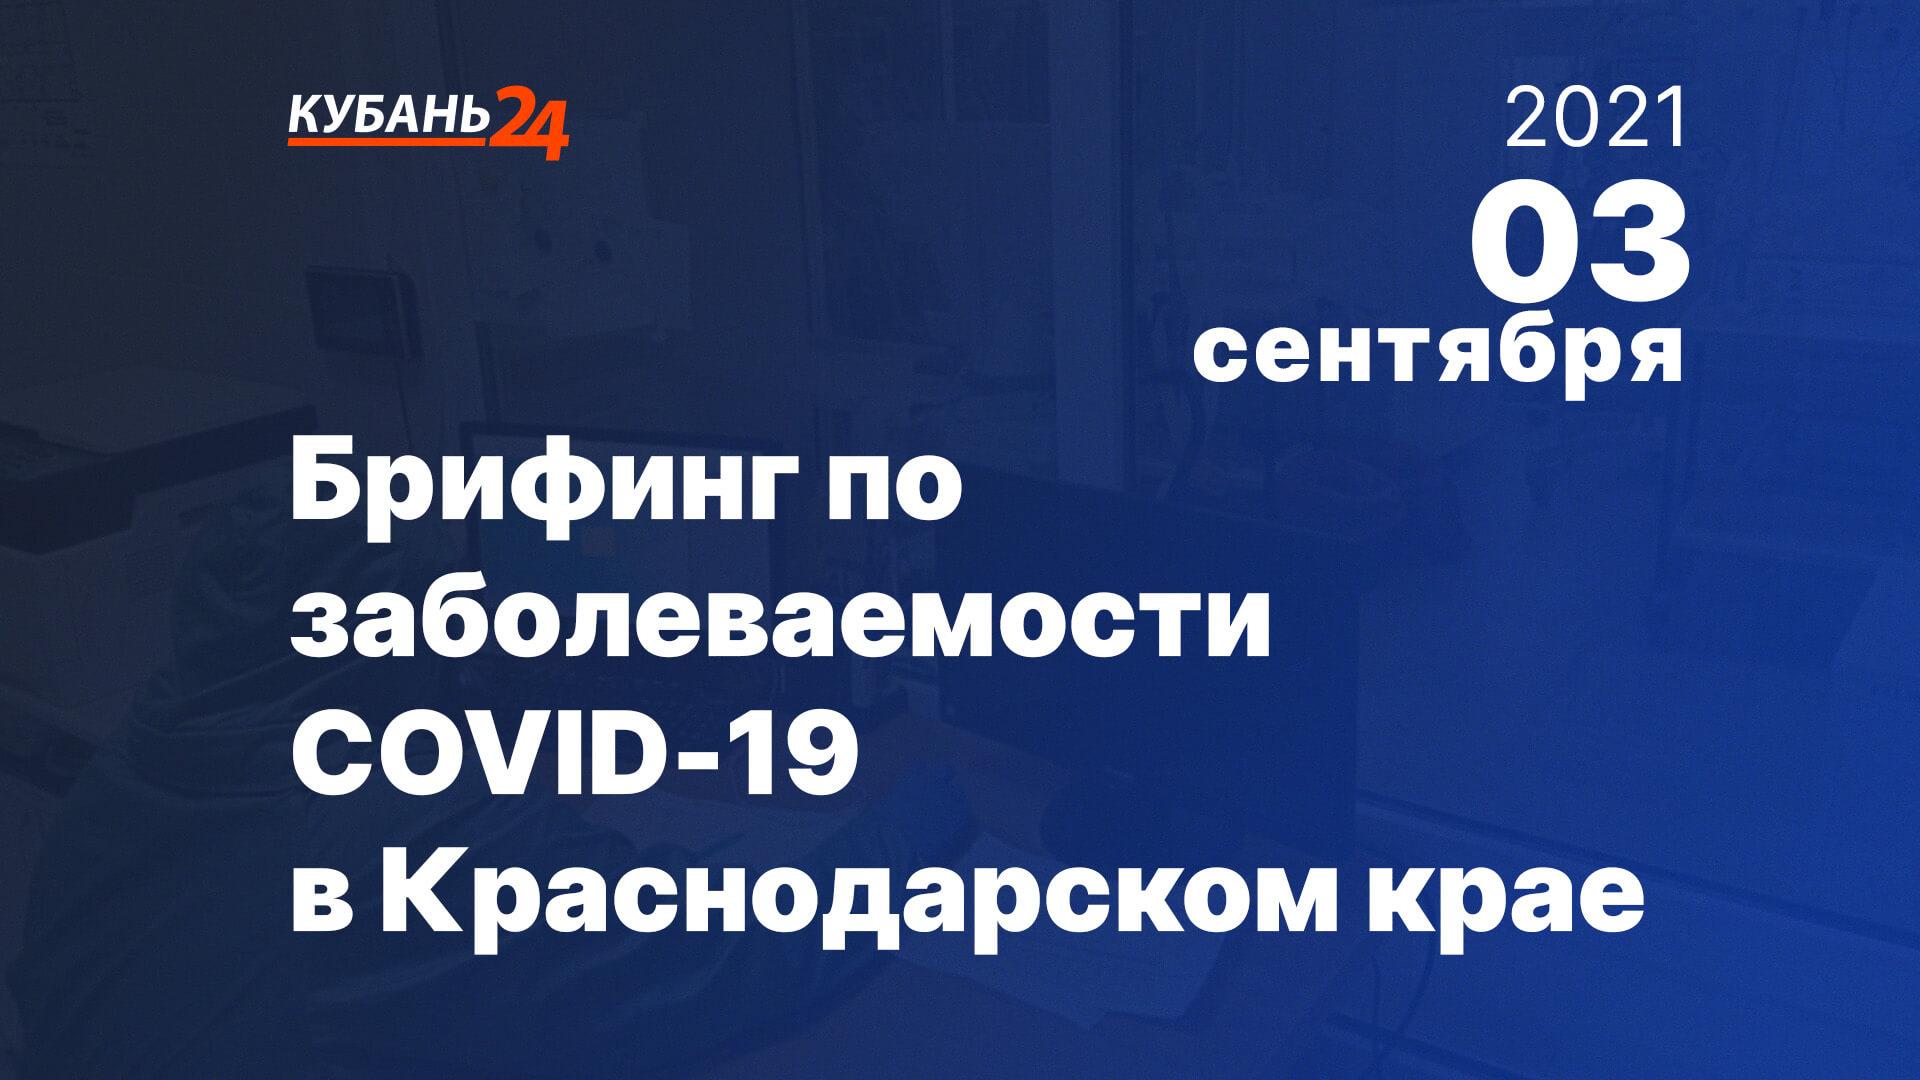 Брифинг по заболеваемости COVID-19 на Кубани пройдет 3 сентября